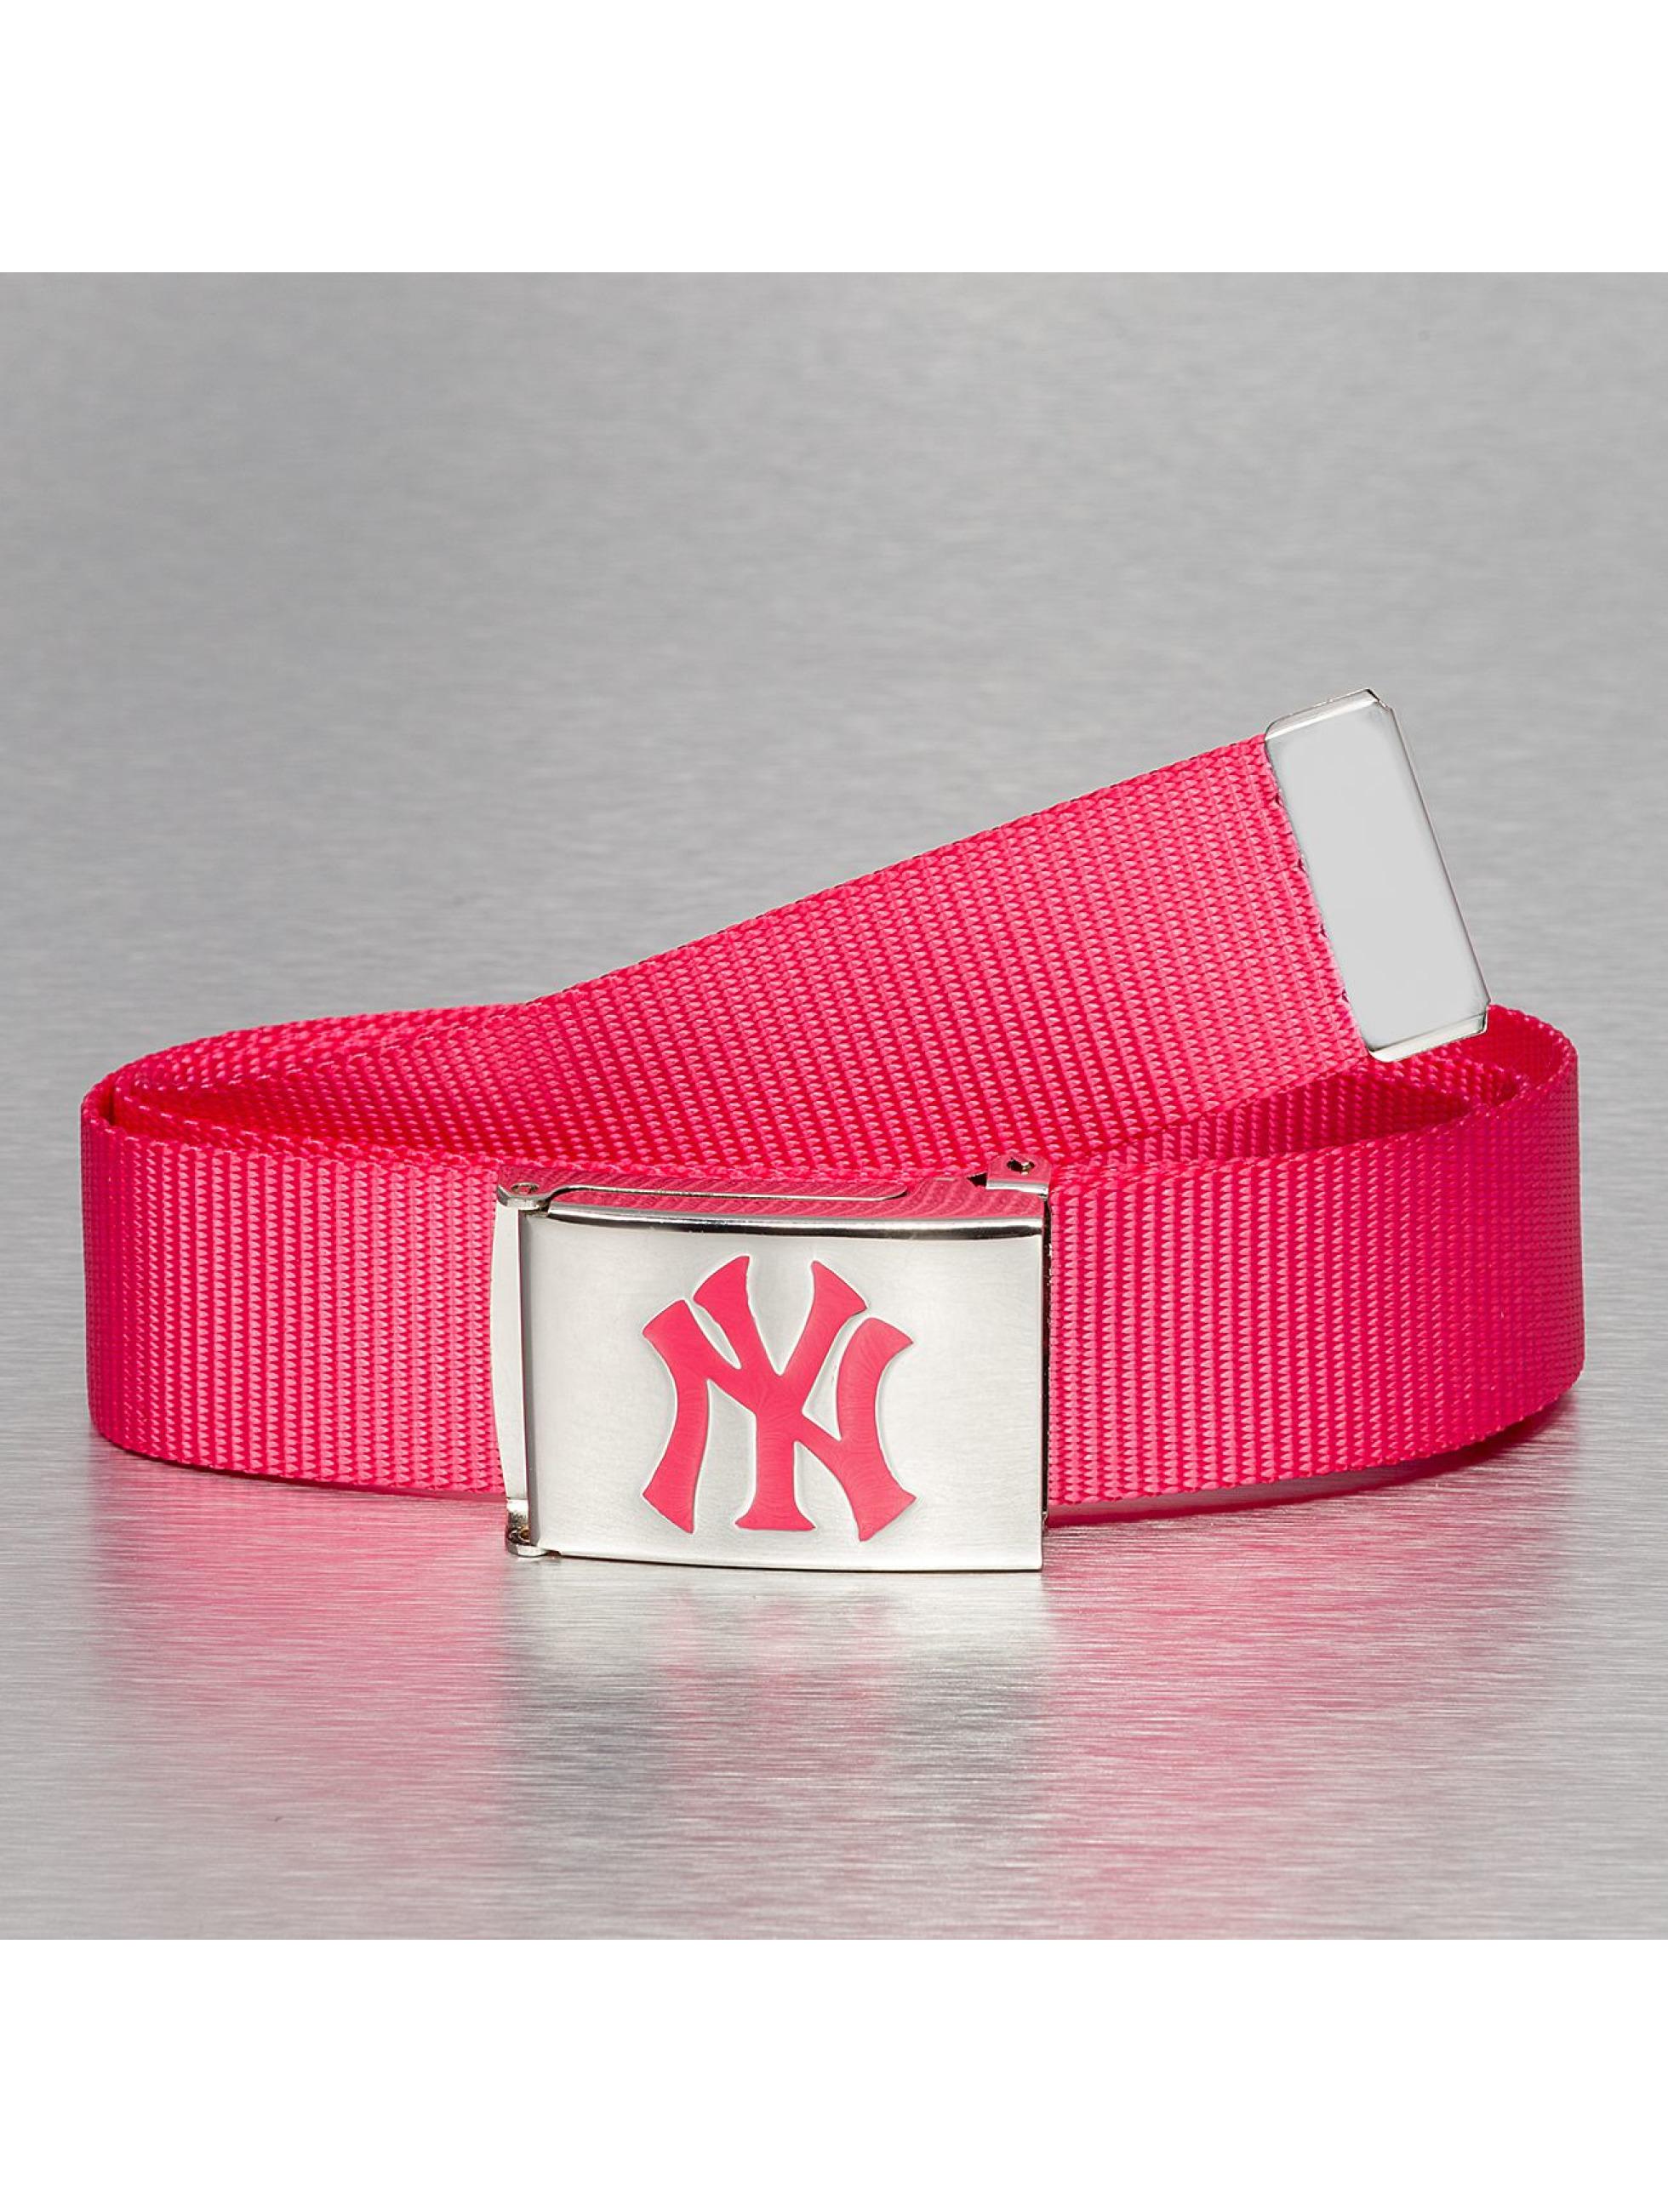 MLB Männer,Frauen Gürtel MLB NY Yankees Premium Woven in pink